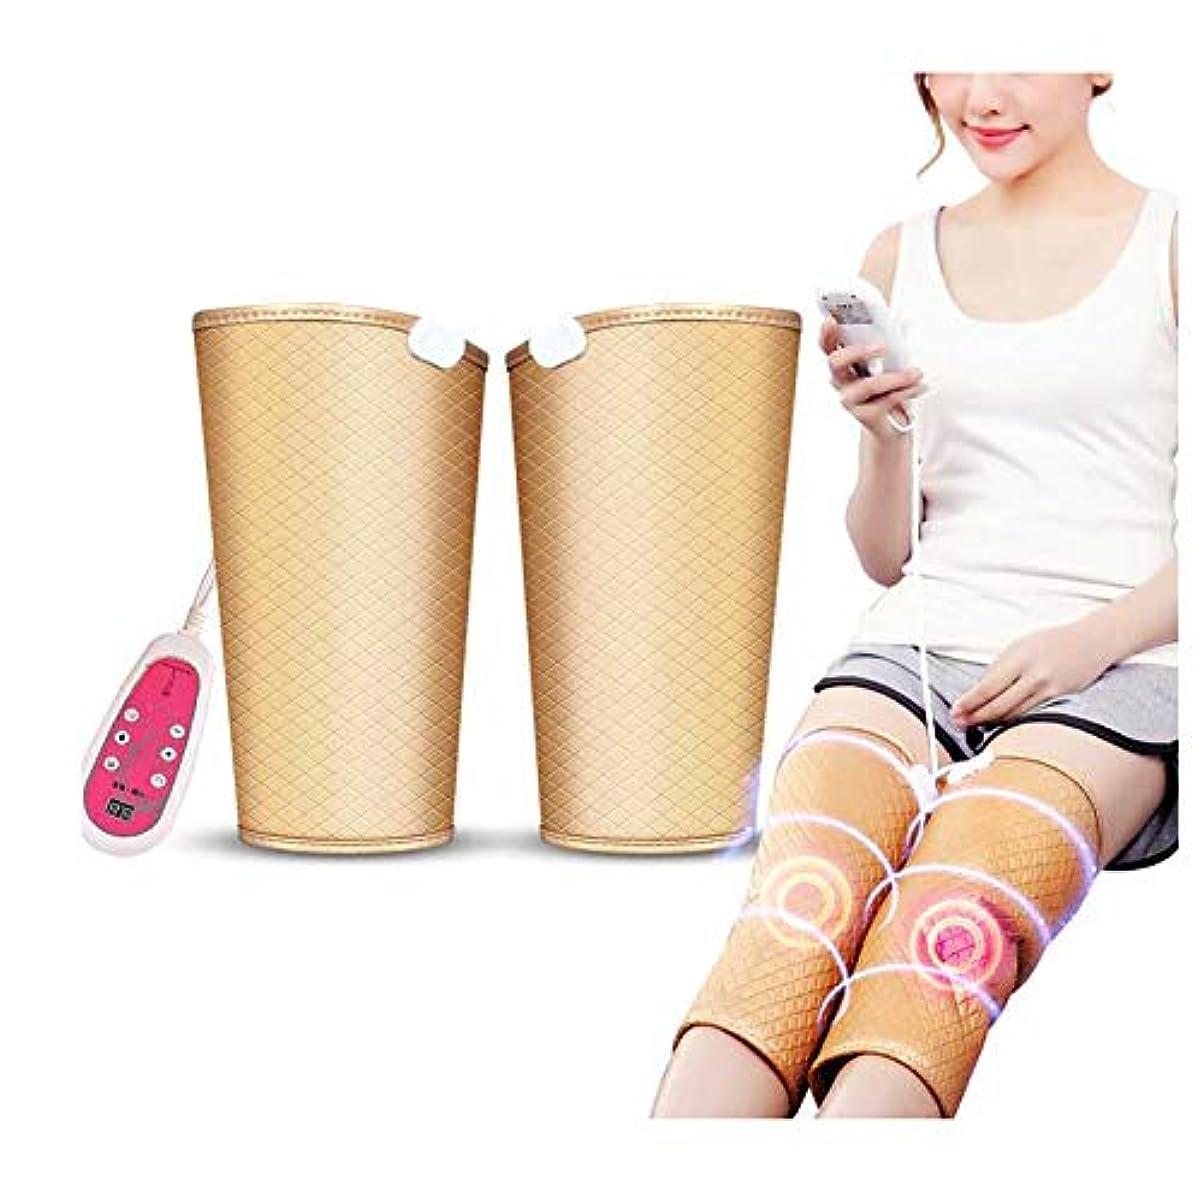 執着ドア宿題暖房膝サポート9マッサージモードと膝のけがのための5つの速度でラップ膝温めラップパッド療法マッサージャー